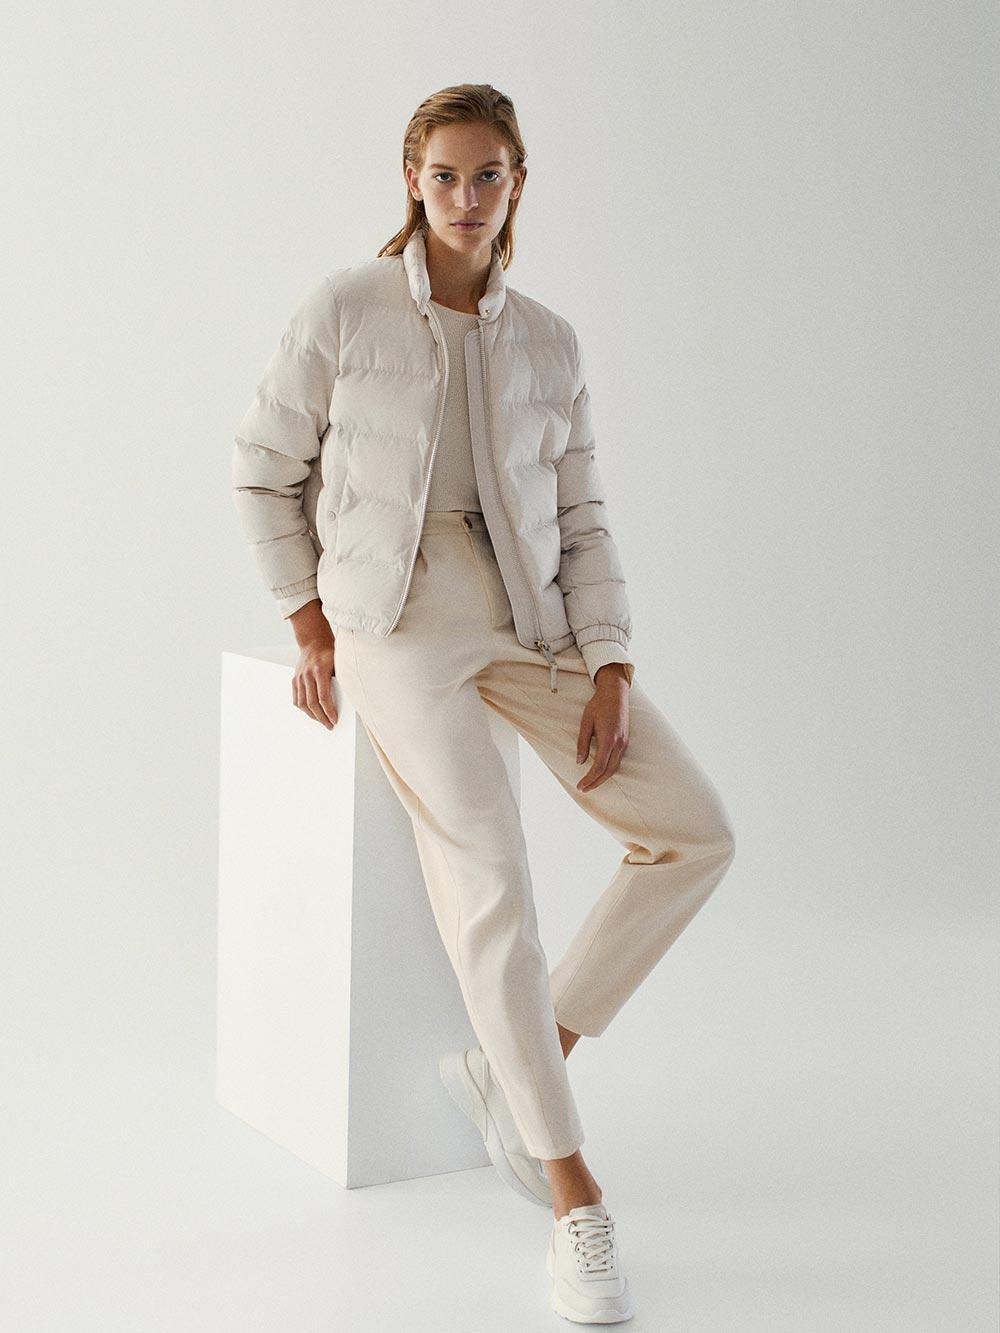 Cách chọn áo khoác phao gọn đẹp, không mập mạp như người Michelin 6